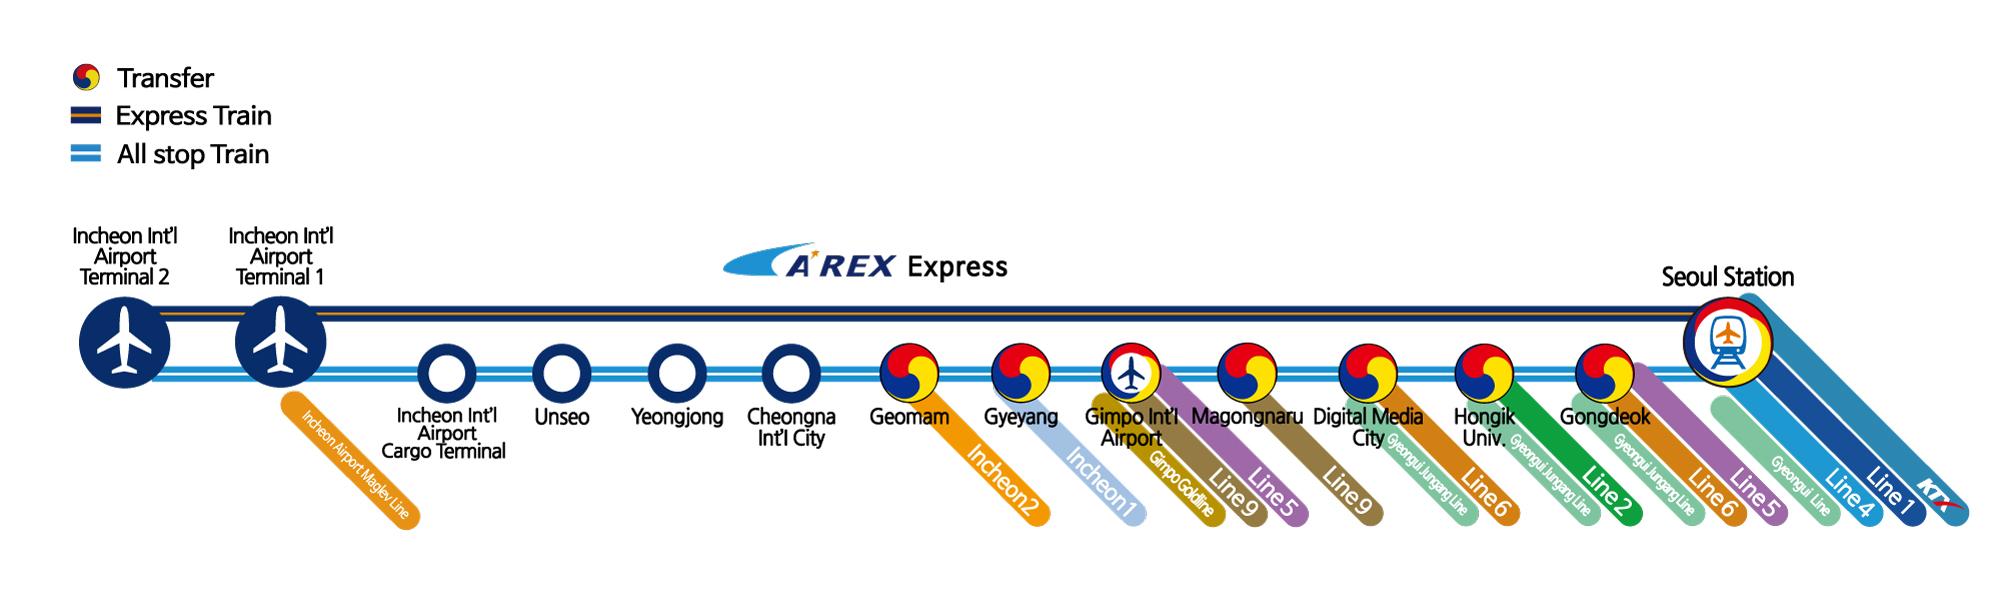 Карта железной дороги Международного Аэропорта Инчхон (AREX). На карте указаны три символа: 'Трансфер', 'Экспресс поезд', и 'Обычный поезд'. Экспресс поезд: Терминал 2 Международного Аэропорта Инчхон - Терминал 1 Международного Аэропорта Инчхон (Поезд на магнитной подушке) - Станция Сеул (Пересадка на линии метро 1 и 4, линию KTX и линию Кёничунан). Обычный поезд: Терминал 2 Международного Аэропорта Инчхон - Терминал 1 Международного Аэропорта Инчхон (Поезд на магнитной подушке) - Грузовой Терминал Аэропорта Инчхон - Станция Унсо - Станция Ёнчон - Станция Международный Город Чонна - Станция Гонам (Пересадка на линию Инчхон 2) - Станция Геян (Пересадка на линию Инчхон 1) - Станция Международного Аэропорта Кимпхо (Пересадка на линии метро 5 и 9, линию Кимпхо Голд) - Станция Магокнару (Пересадка на линию метро 9) - Станция Диджитал Медиа Сити (Пересадка на линию метро Кёничунан и линию 6) - Станция Хондэ-ипку (Пересадка на линию метро 2 и линию Кёничунан) - Станция Гондок (Пересадка на линии метро 5 и 6, и линию Кёничунан) - Станция Сеул (Пересадка на линию метро 1 и 4, линию KTX и линию Кёничунан)